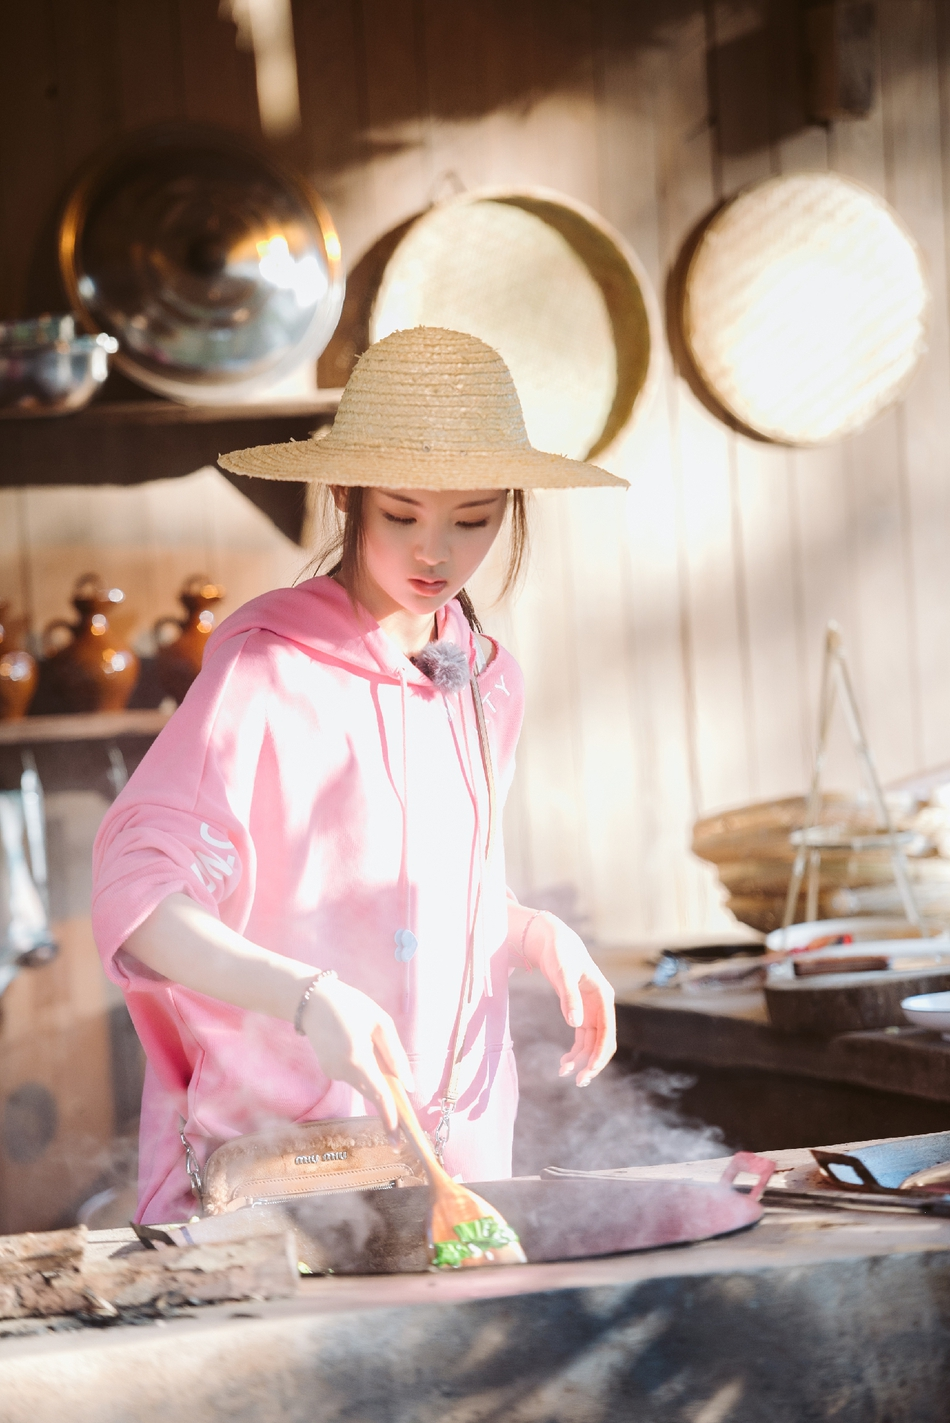 杨逾越重回农村如鱼得水 土灶台掌勺当主厨